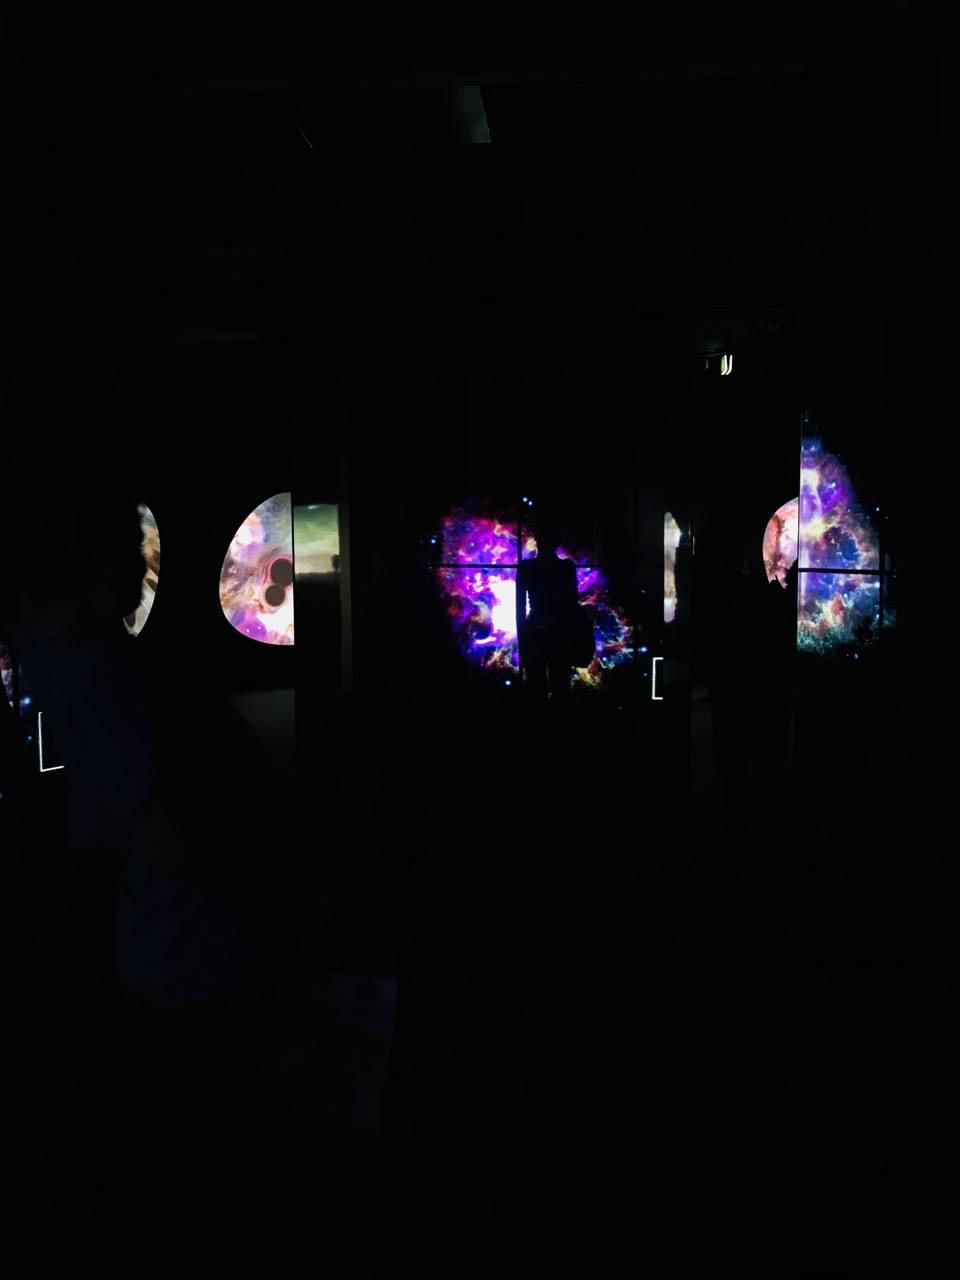 Galaxy Aesthetic Wallpaper By Emilymonk 3d Free On Zedge